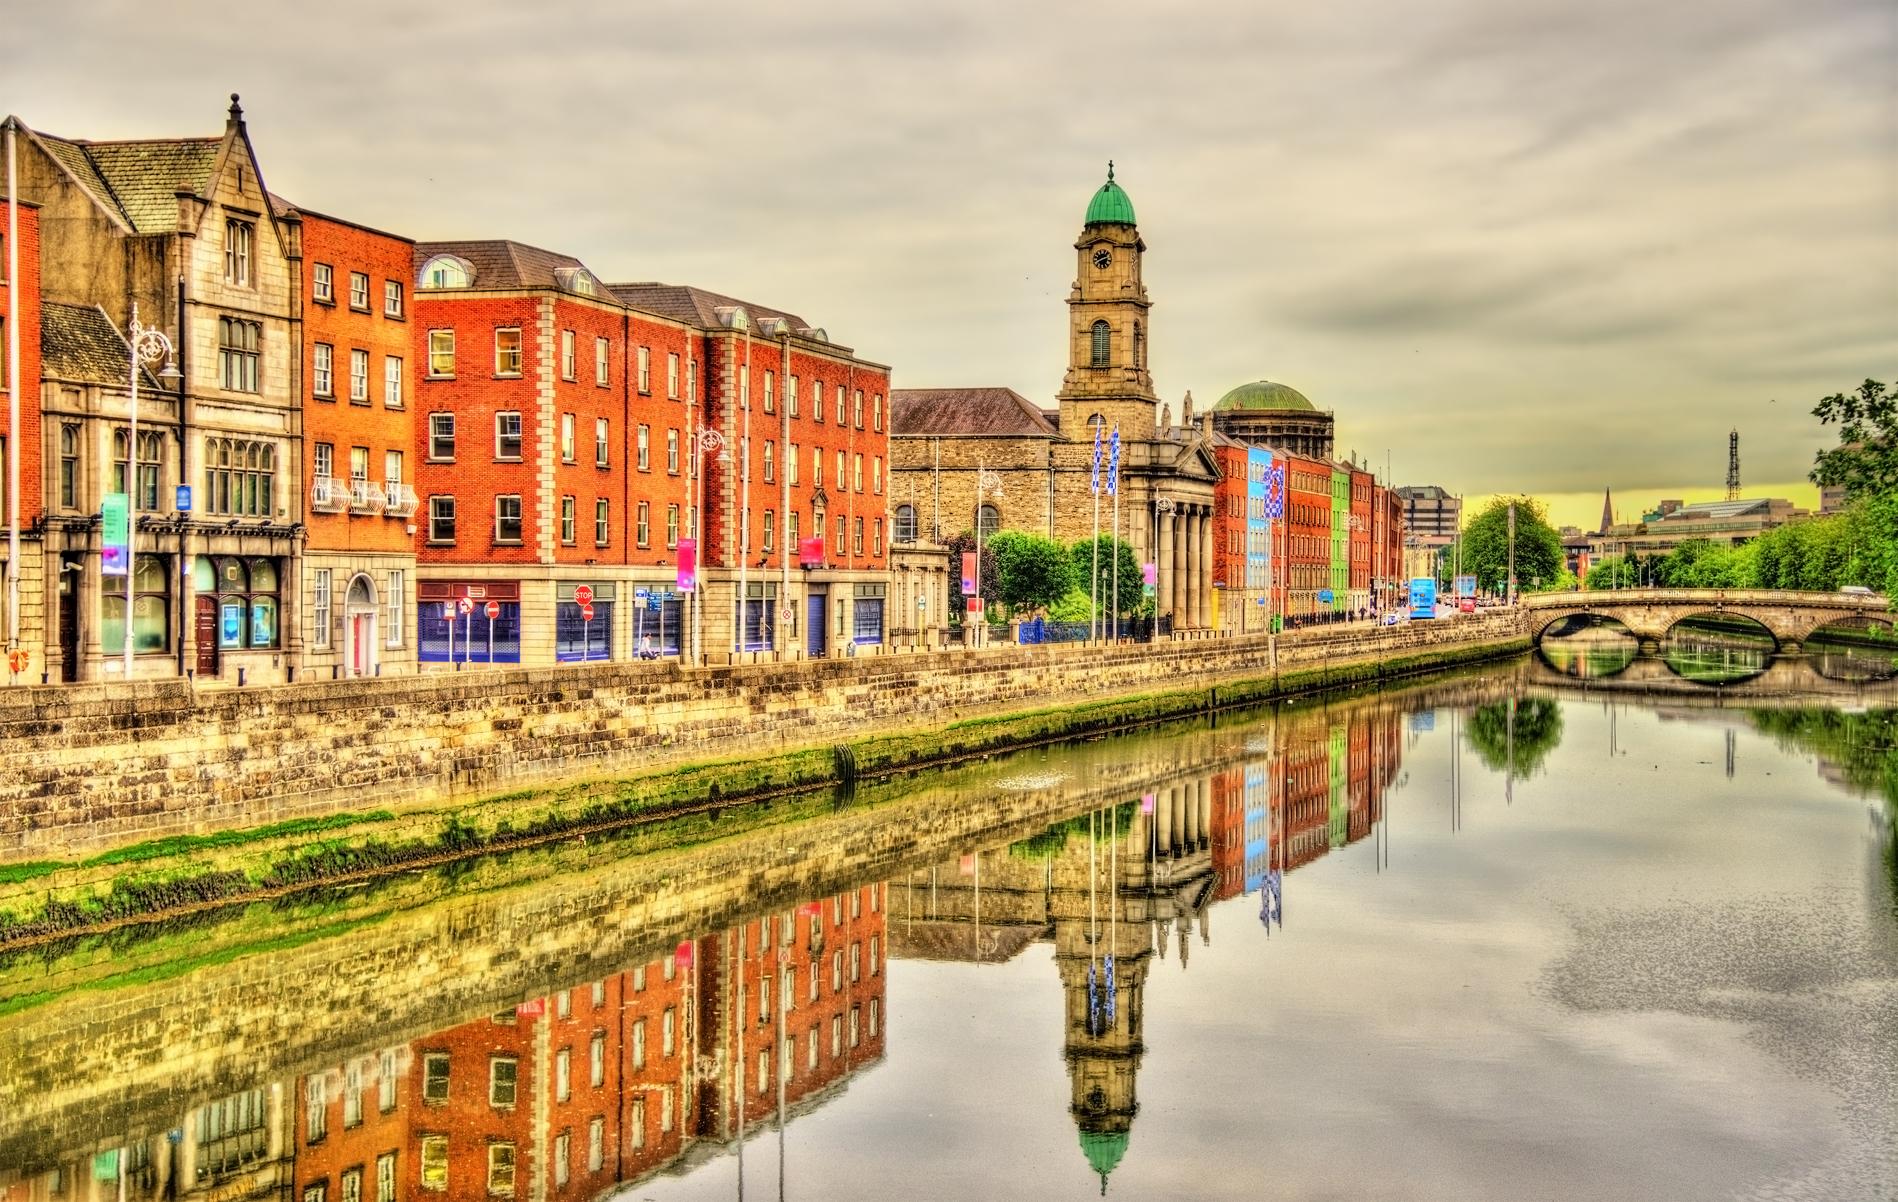 DUB - Dublin